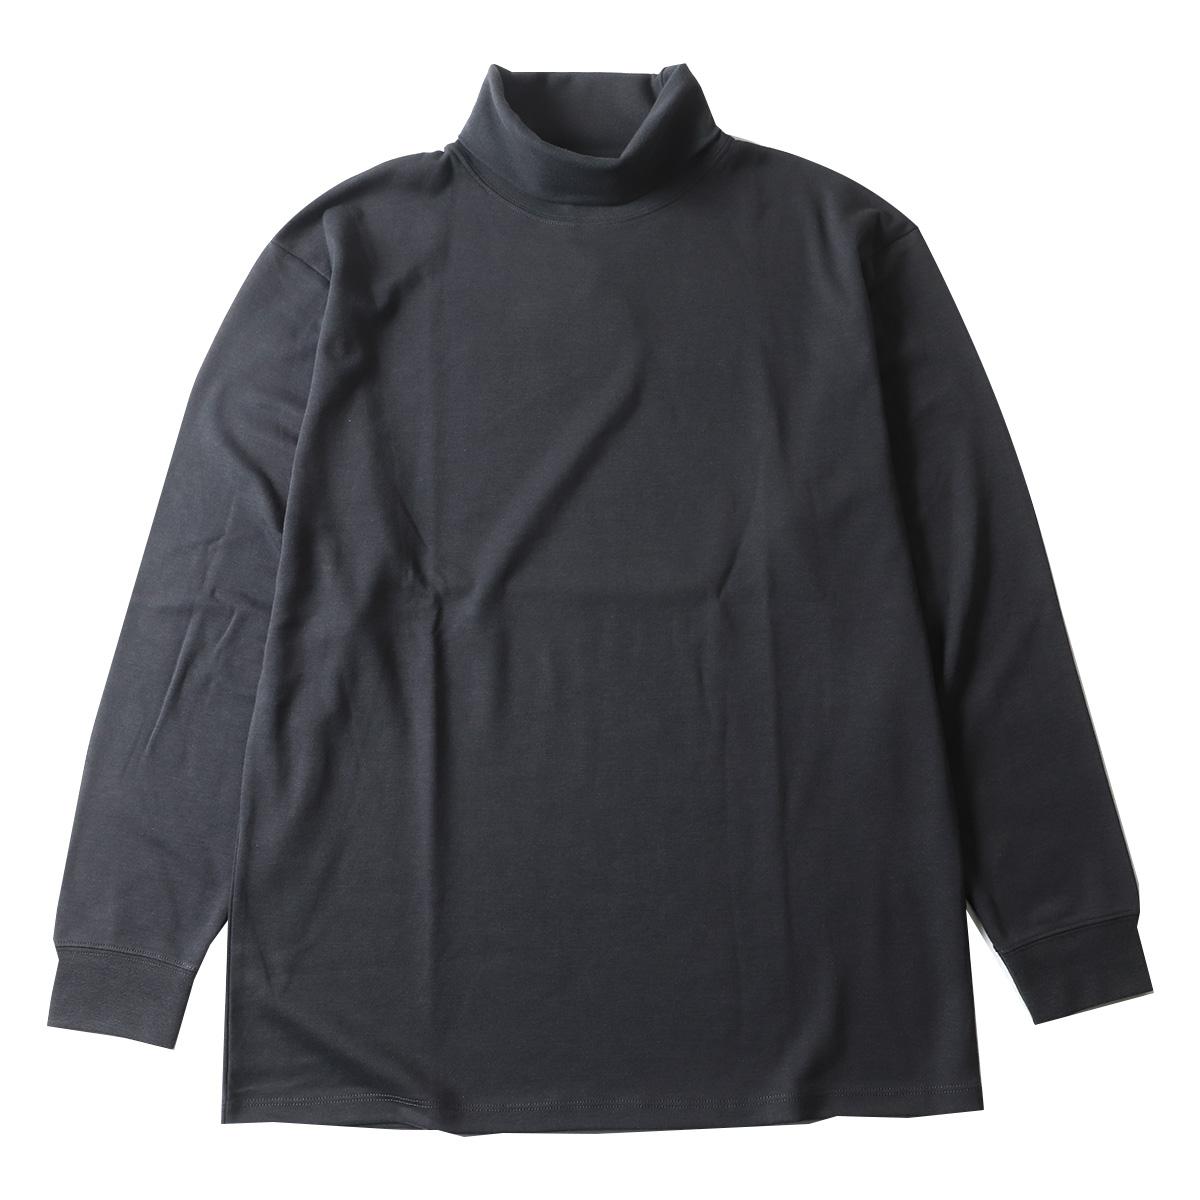 リサイクル ポリエステル ポンチ タートルネック 長袖カットソー ロングTシャツ ロンT